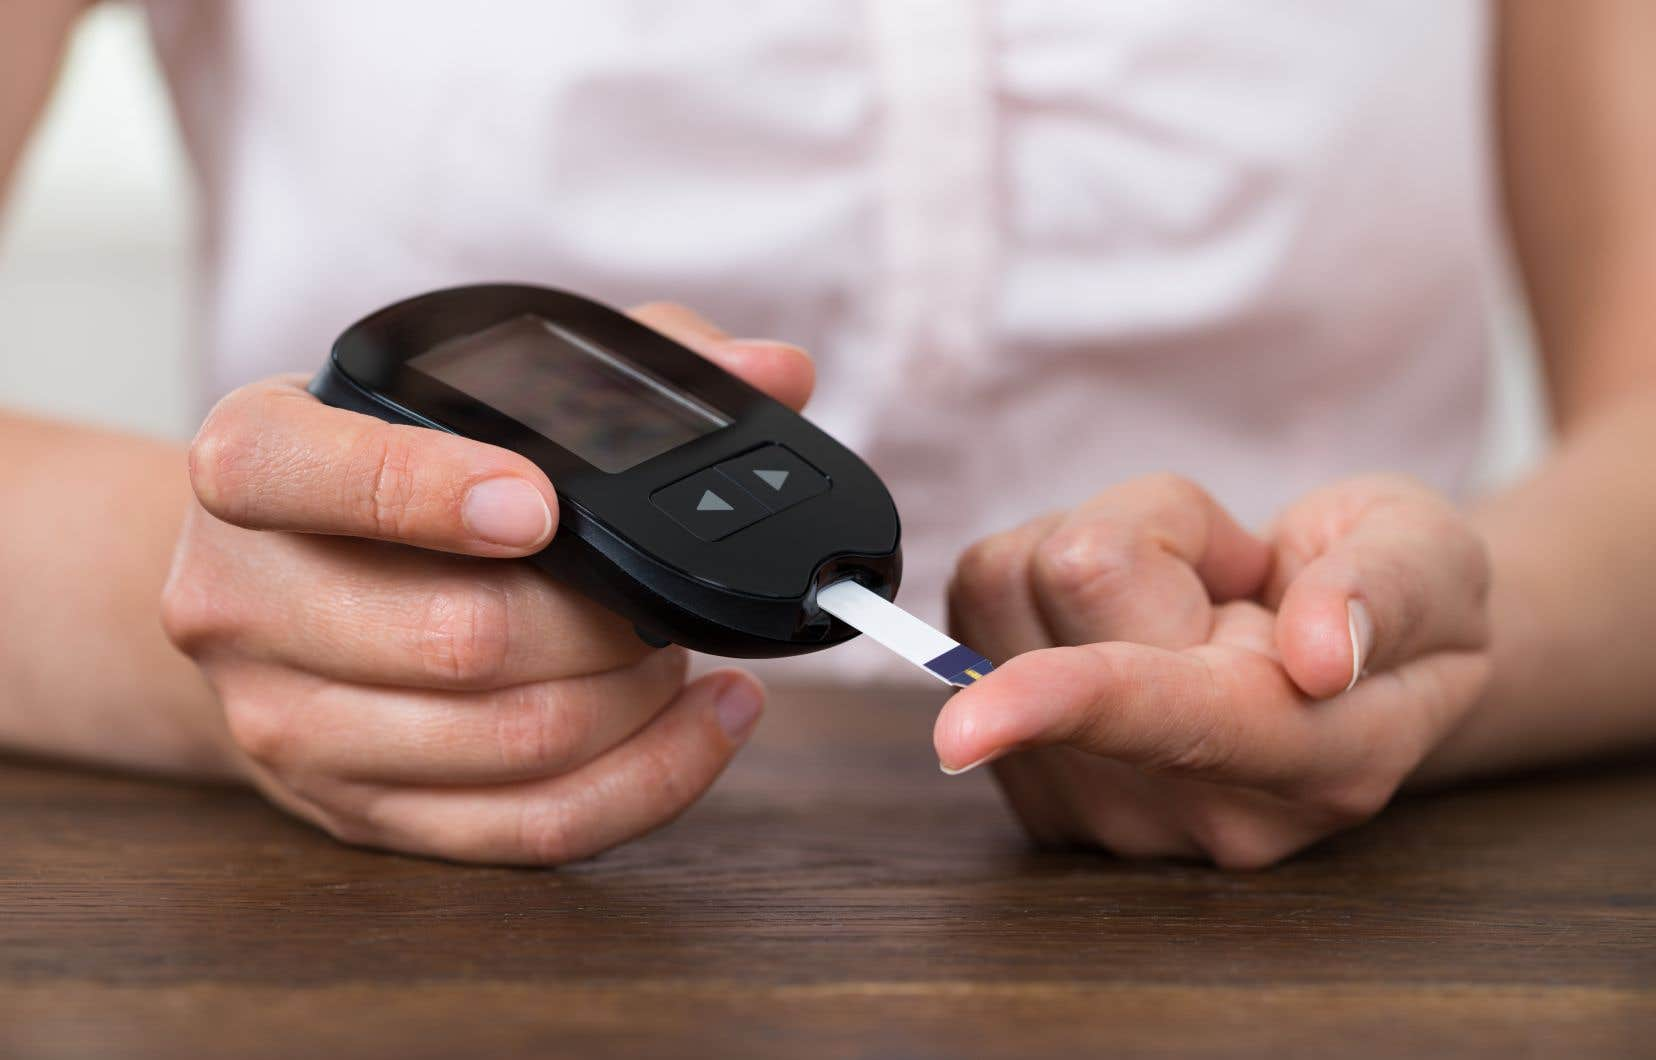 Selon une étude clinique, chez les patients diabétiques ayant suivi l'alimentation cétogène et qui prenaient de l'insuline, 40% l'avaient cessée et les autres avaient réduit leur dose quotidienne de moitié en moyenne après un an.